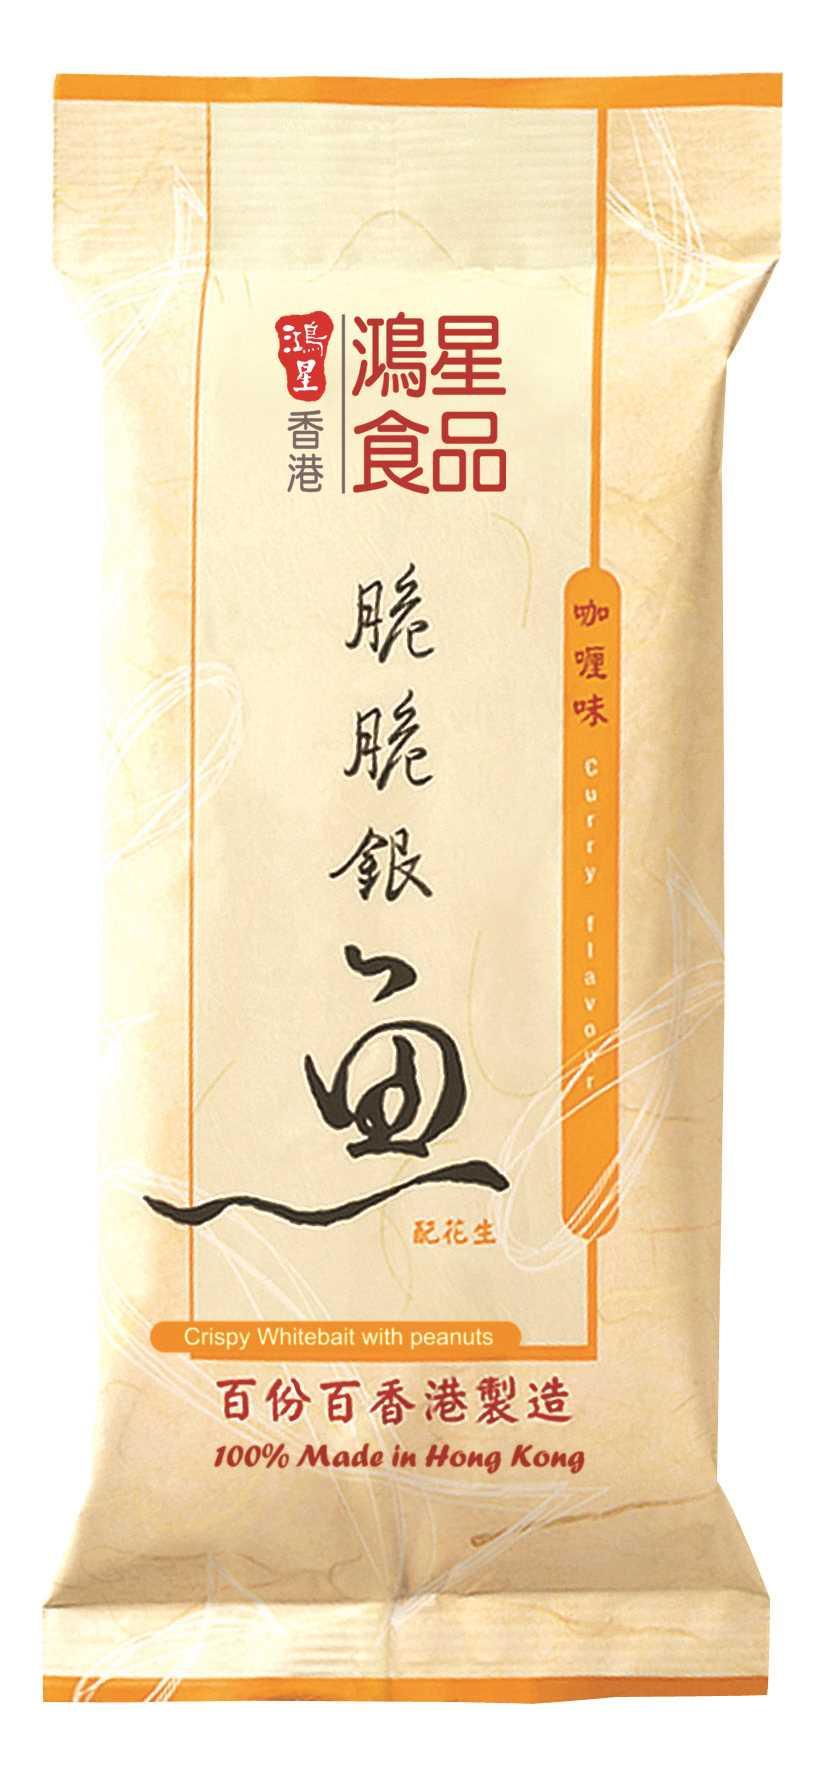 咖喱味-脆脆銀魚花生